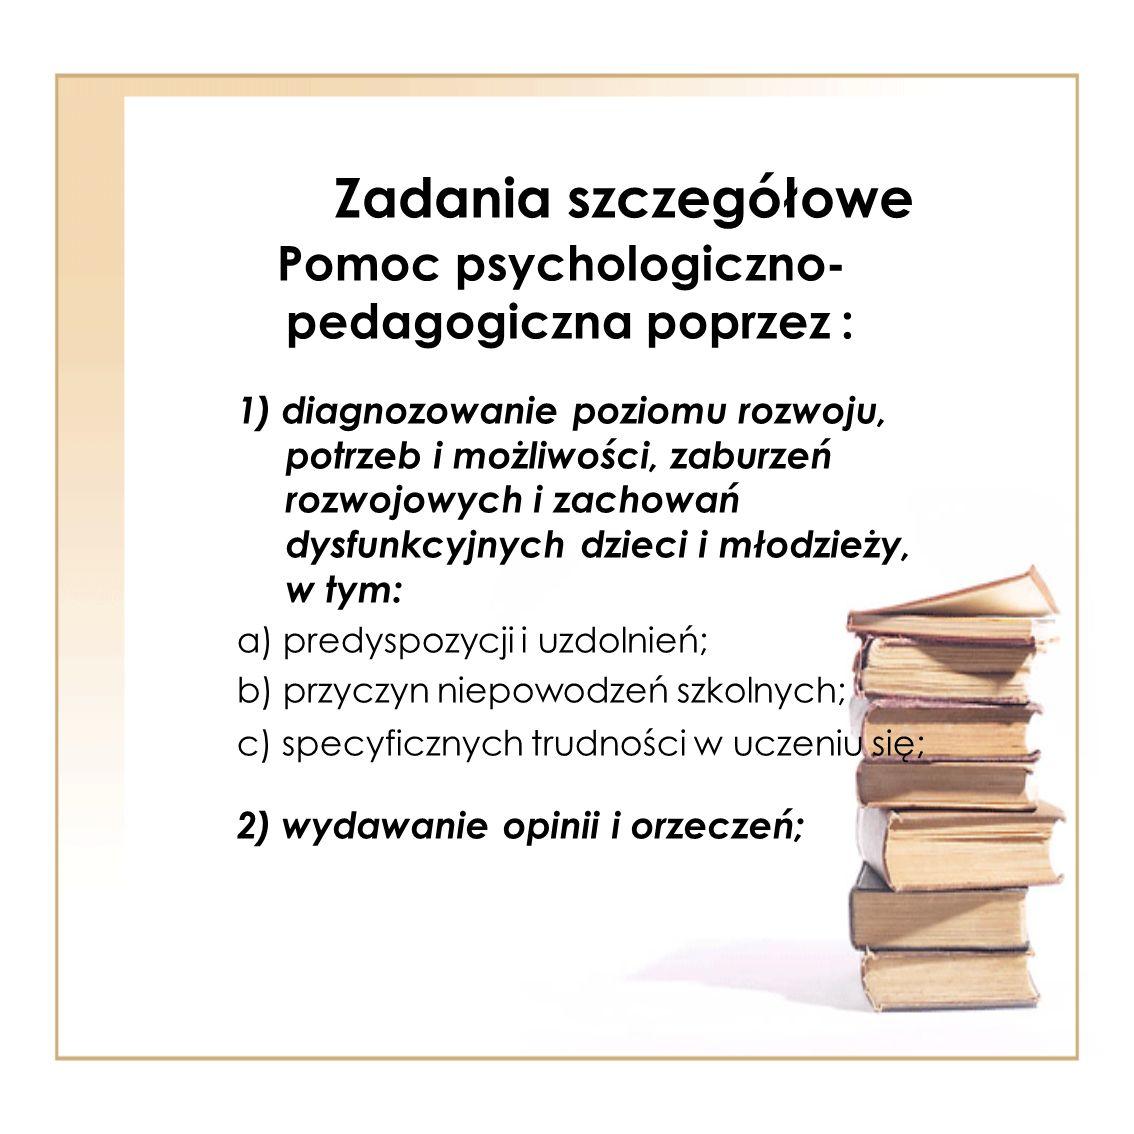 Zadania szczegółowe Pomoc psychologiczno-pedagogiczna poprzez :